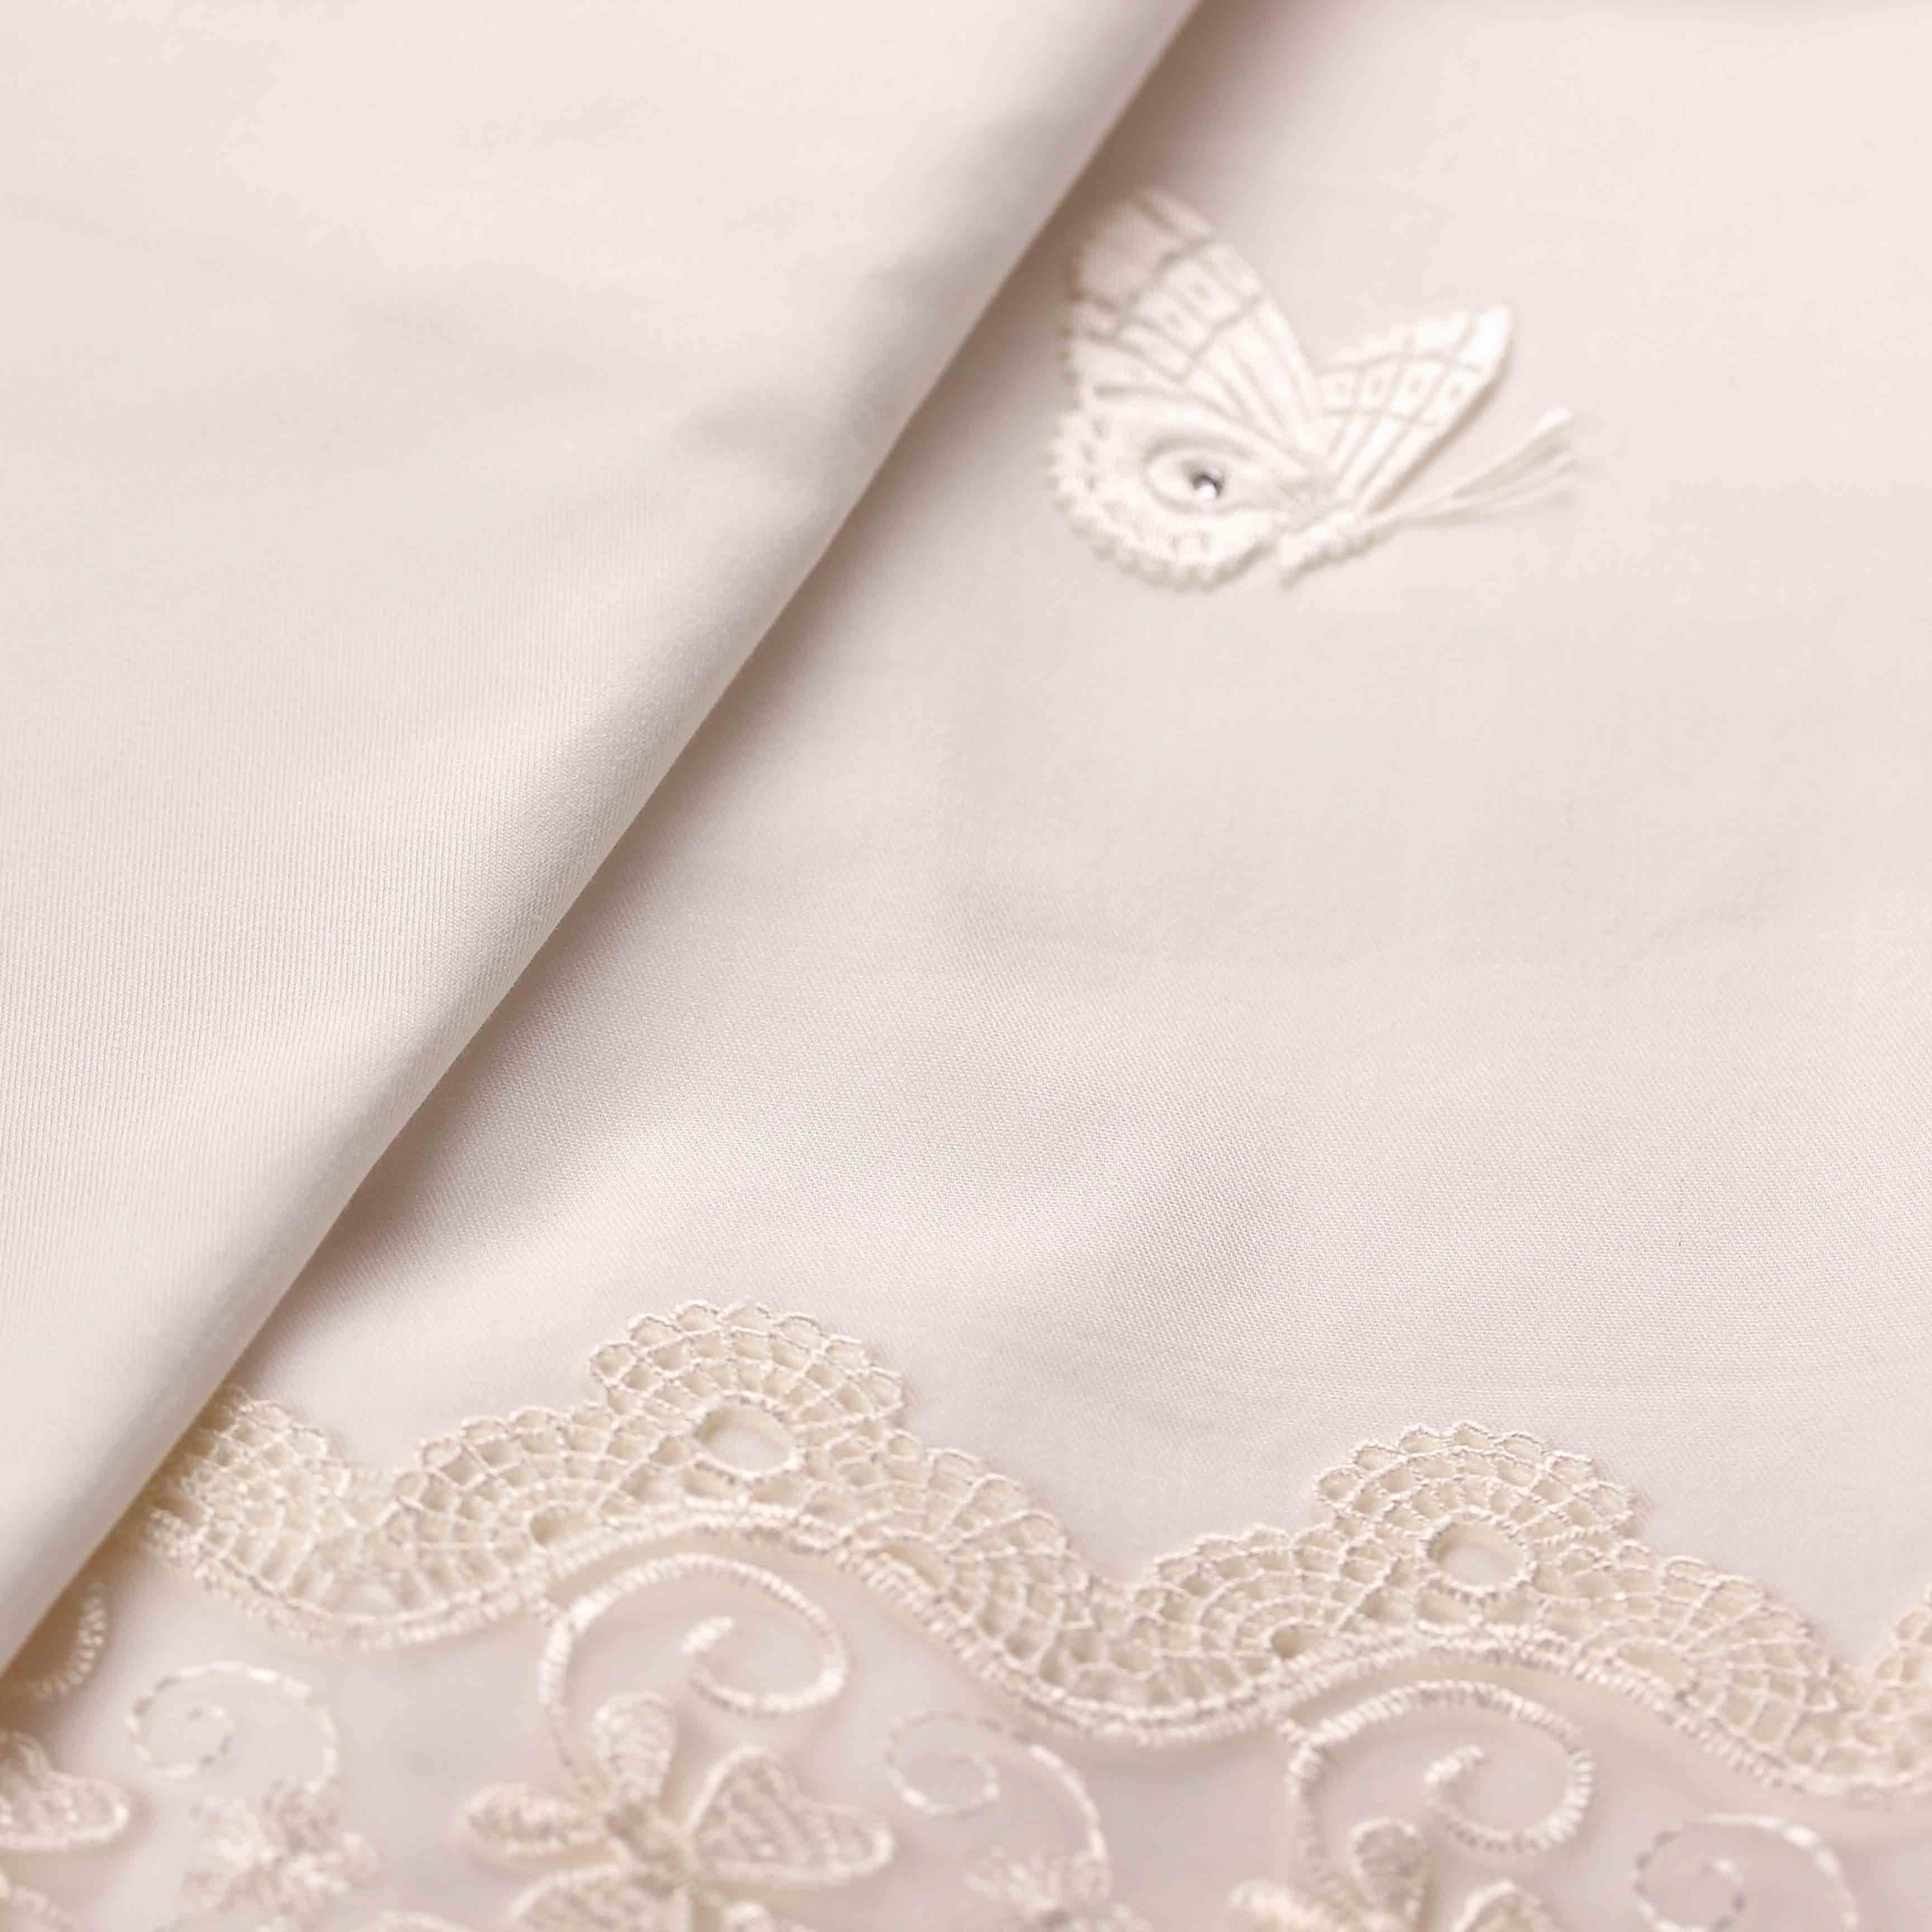 Комплект в кроватку - Due Orsi, 9 предметовДетское постельное белье<br>Комплект в кроватку - Due Orsi, 9 предметов<br>